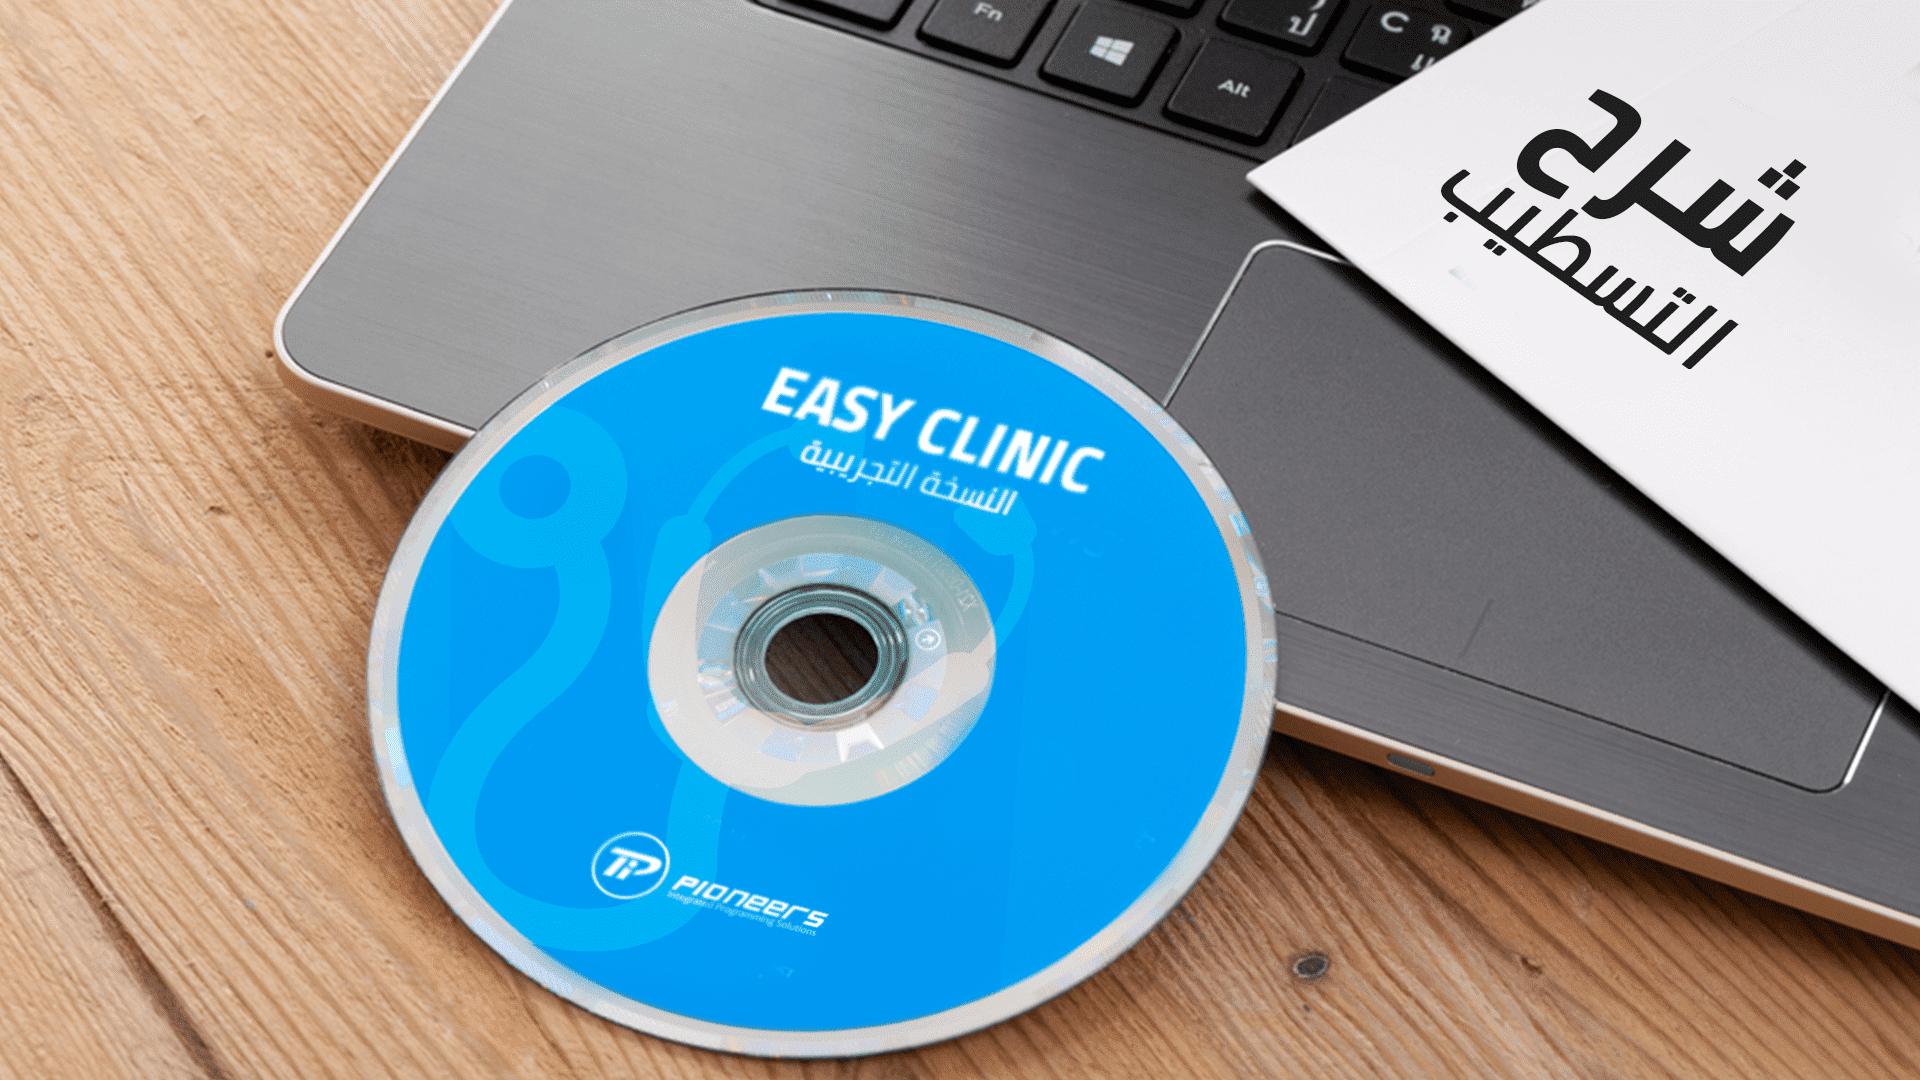 شرح تسطيب النسخة التجريبية من أفضل برنامج إدارة العيادات والمراكز الطبية Easy Clinic